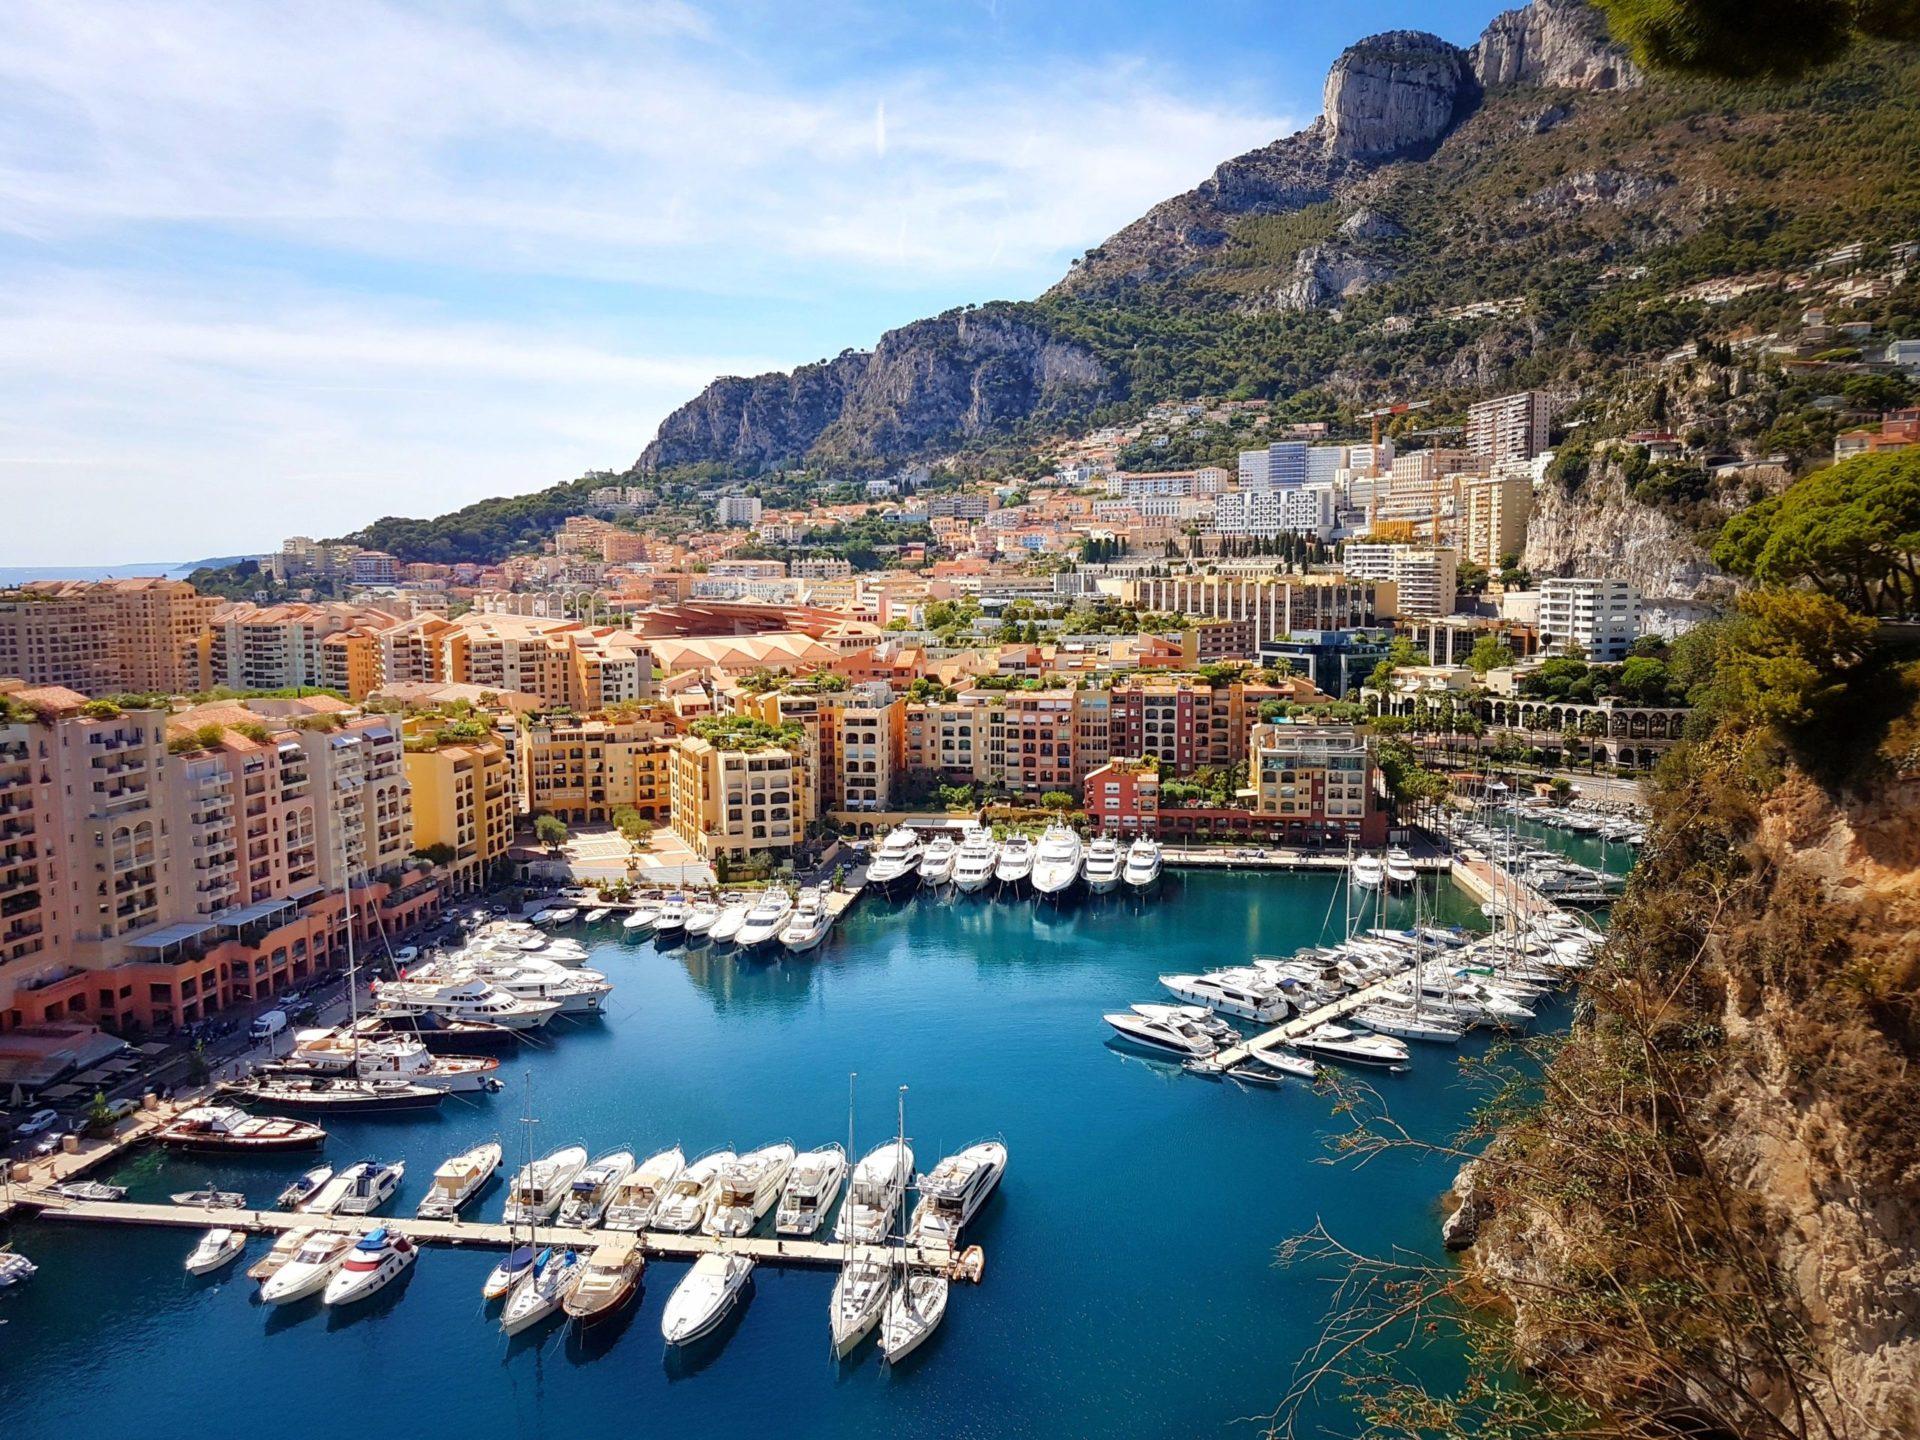 Wassertemperatur Monaco